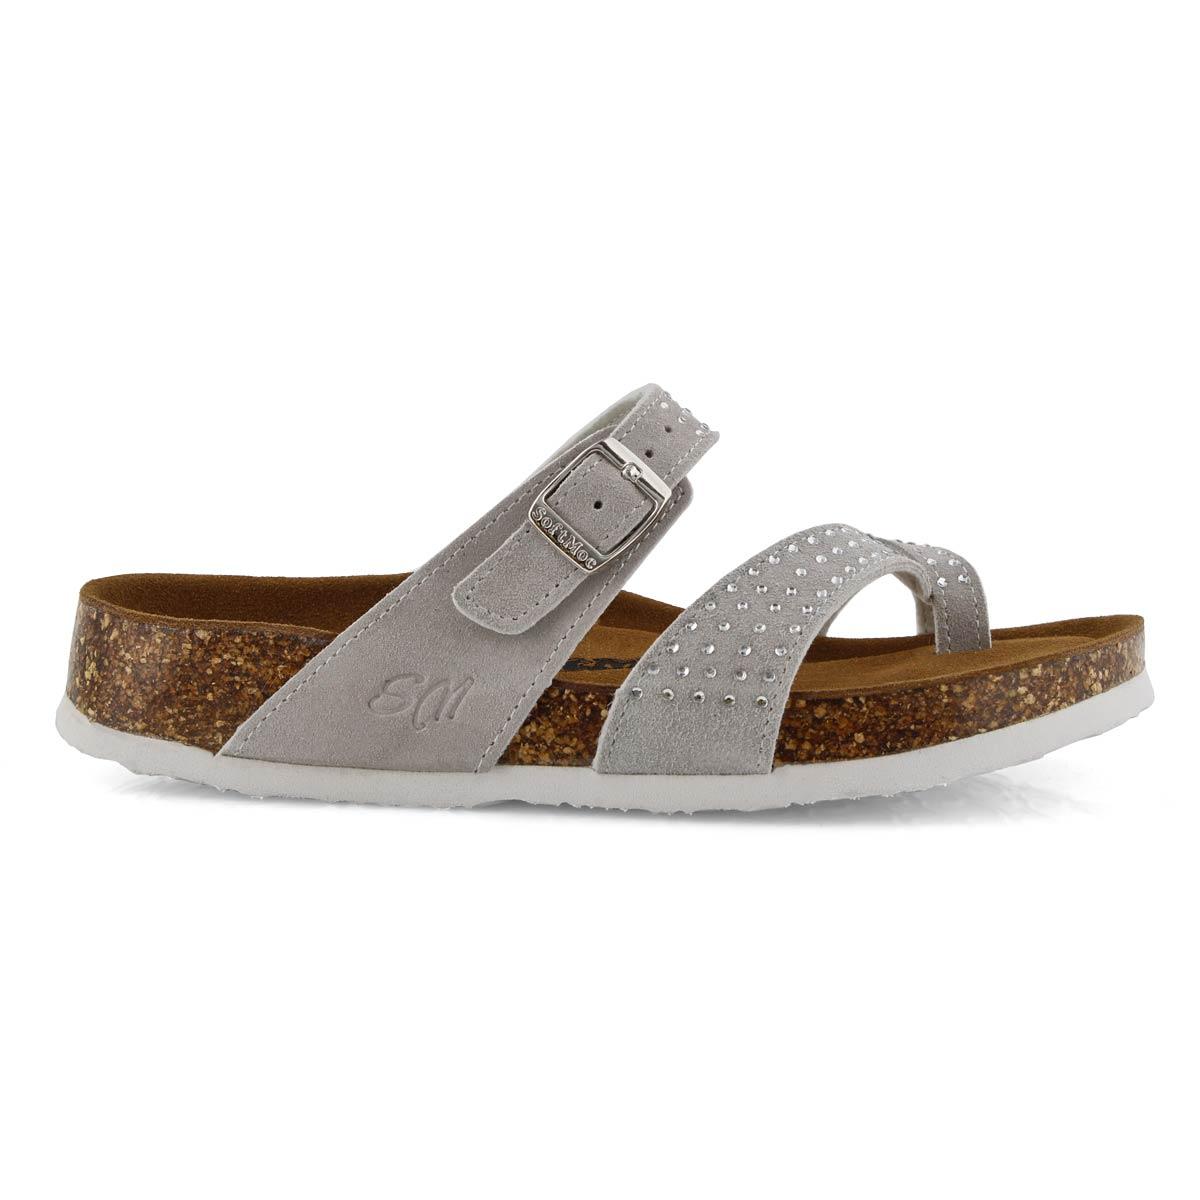 Lds Alicia 5 Bling ice mem foam sandal